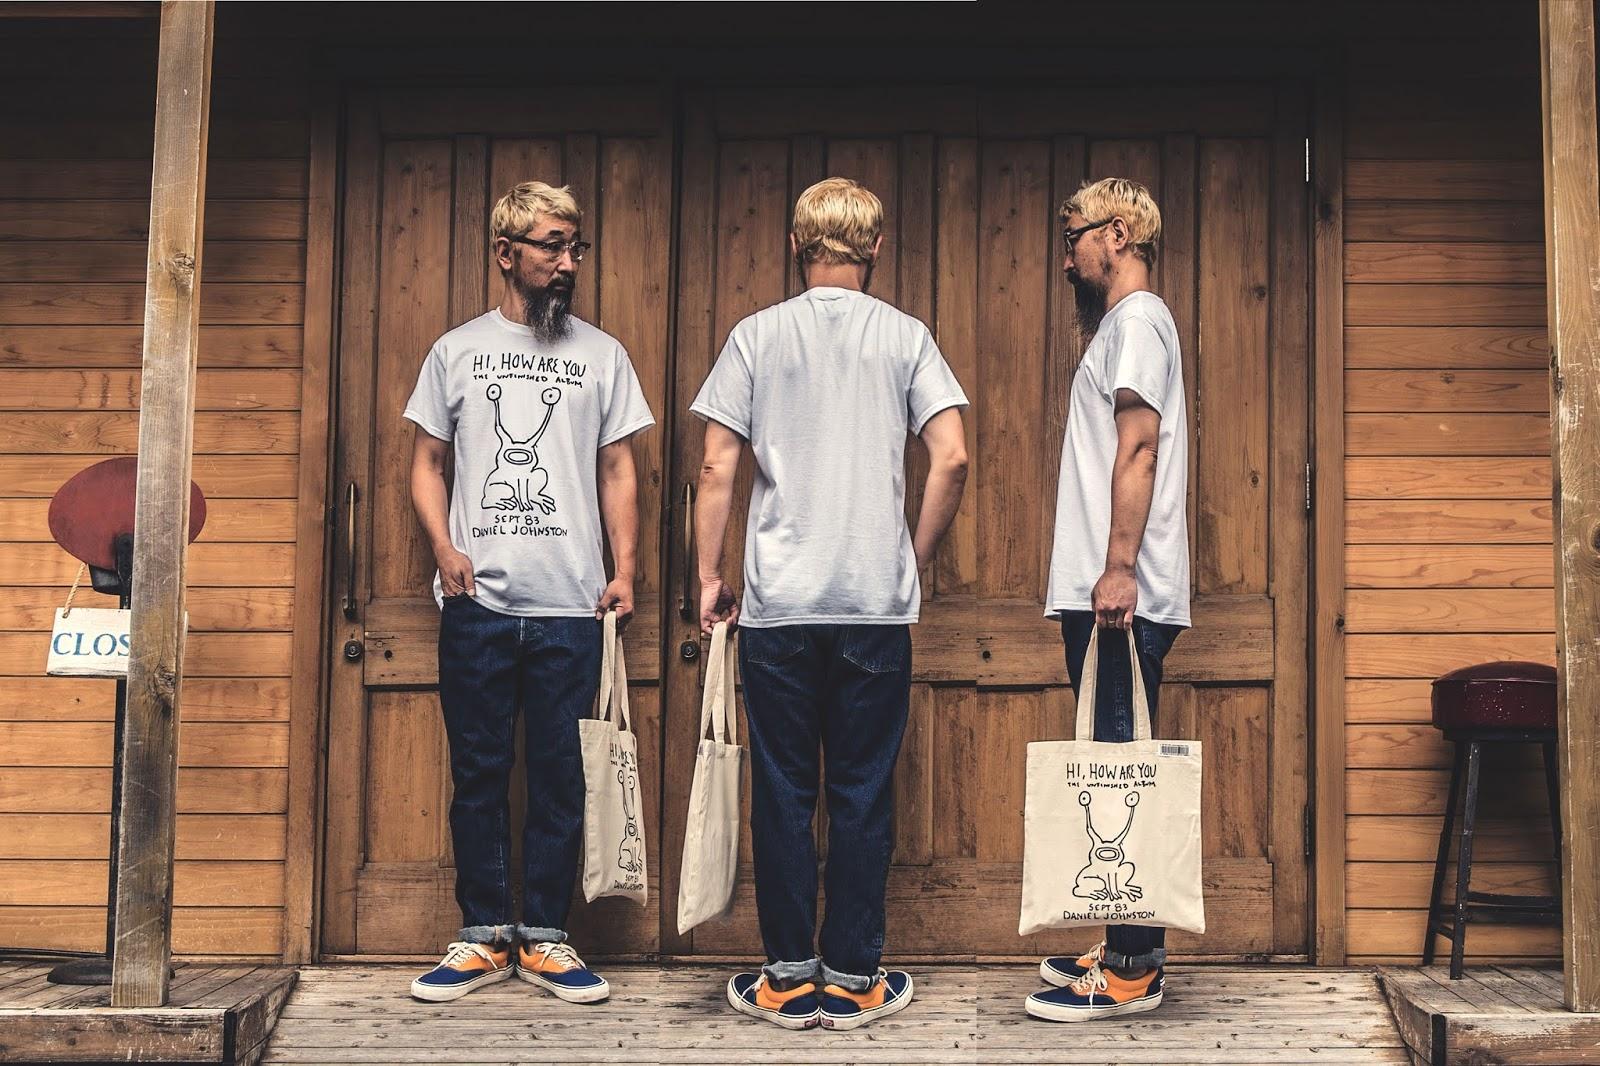 ダニエル ジョンストン DANIEL JOHNSTON ニルバーナ カートコバーン Tシャツ グランジ ファッション コーディネート 通販